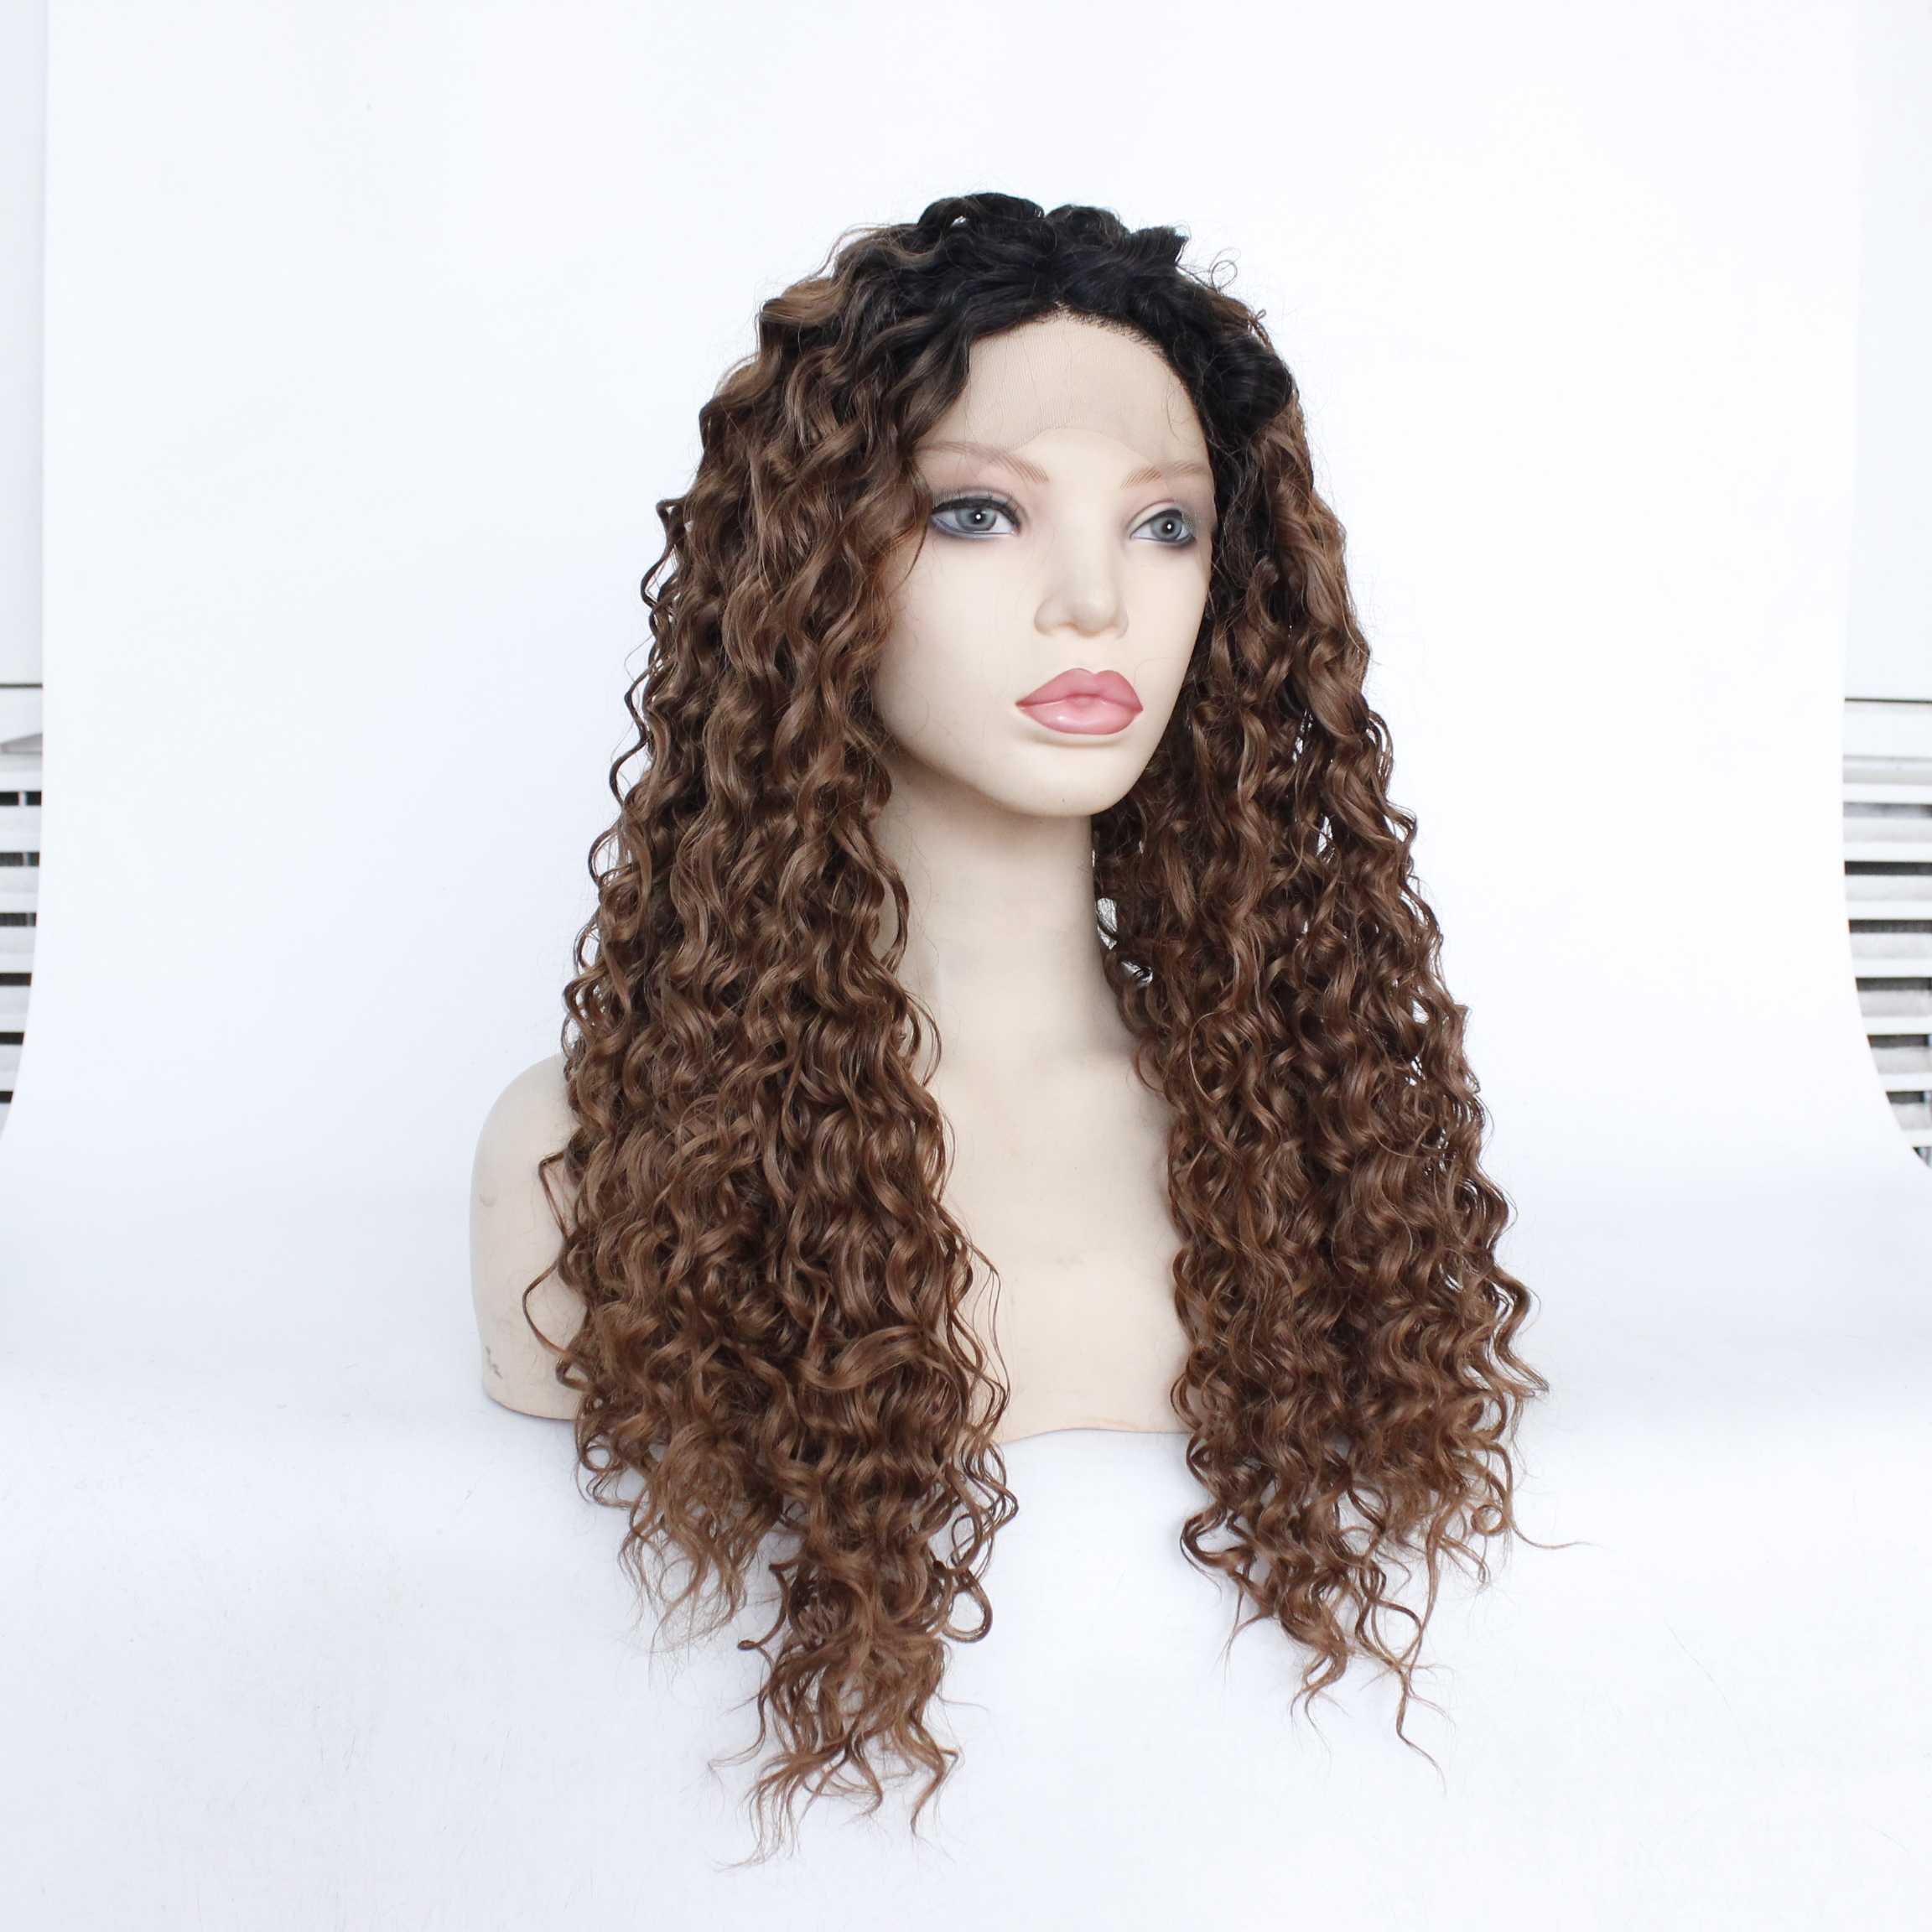 Perruque lace front wig synthétique sans colle MRWIG | Cheveux longs bouclés et crépus, couleur auburn 1b #/#30, sans colle